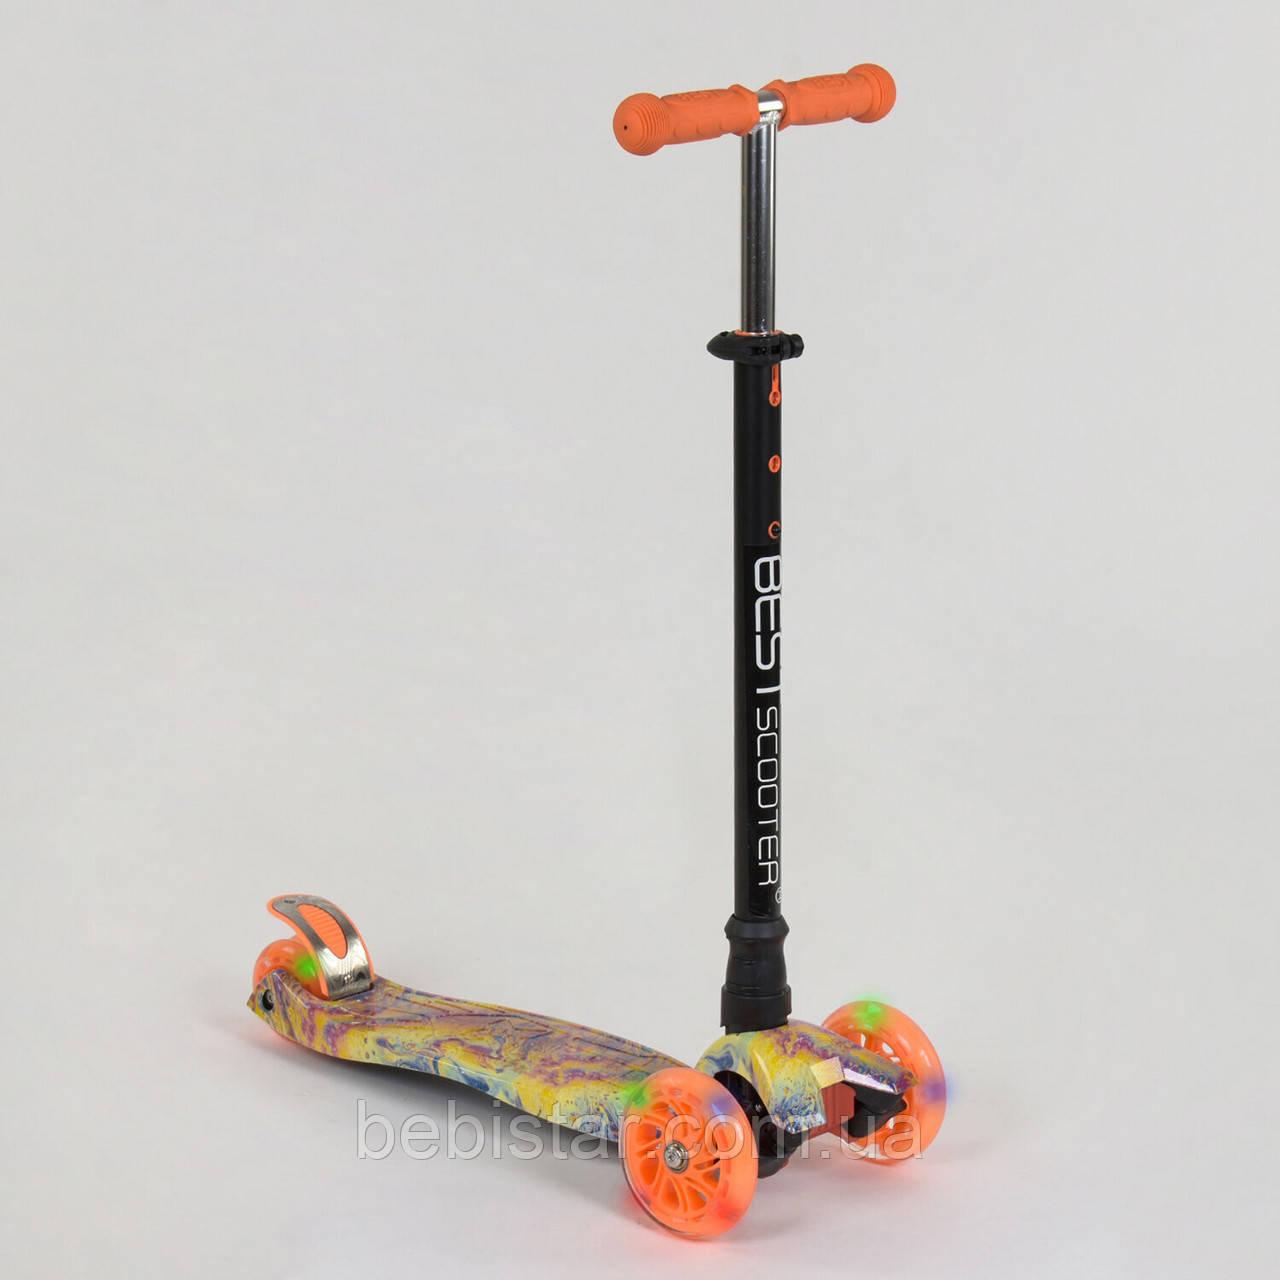 Самокат детский Best Scooter MAXI разноцветный со светящимися оранжевыми колесами деткам от 3 лет